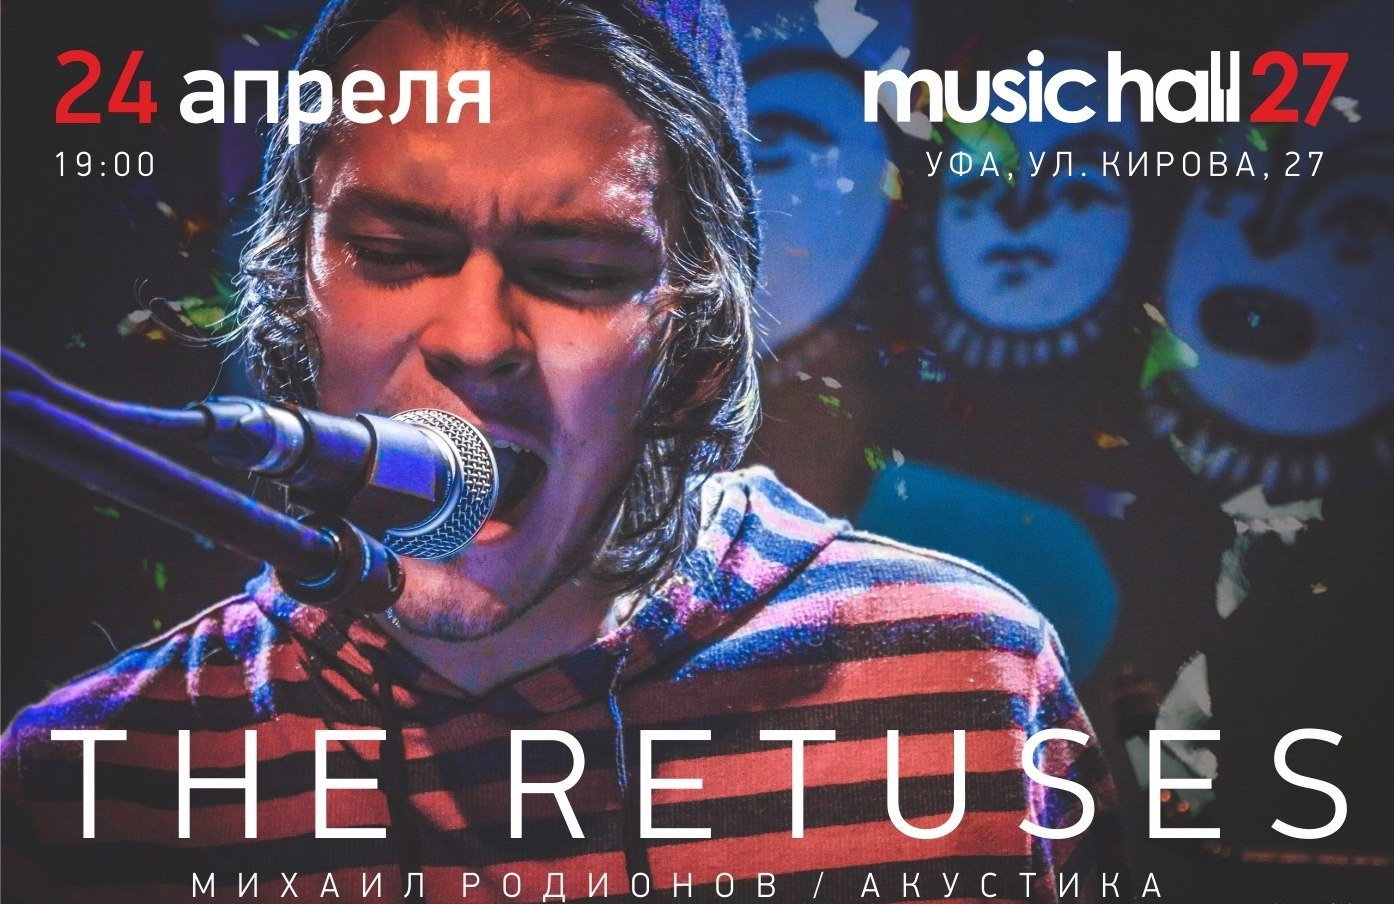 Выступление Михаила Родионова («The Retuses»)